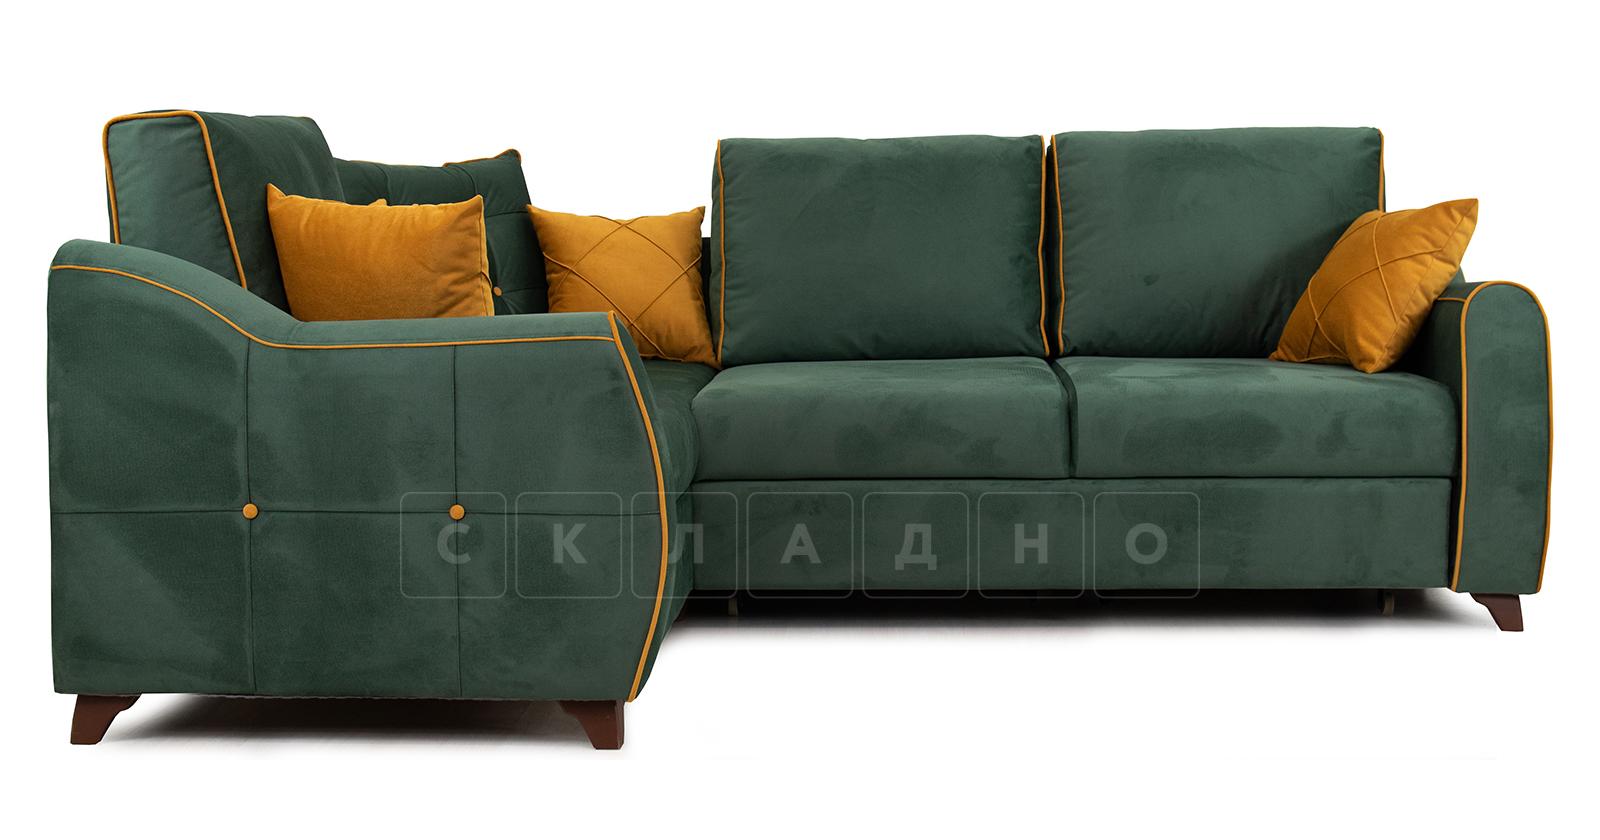 Диван-кровать угловой Флэтфорд нефритовый зеленый фото 2 | интернет-магазин Складно